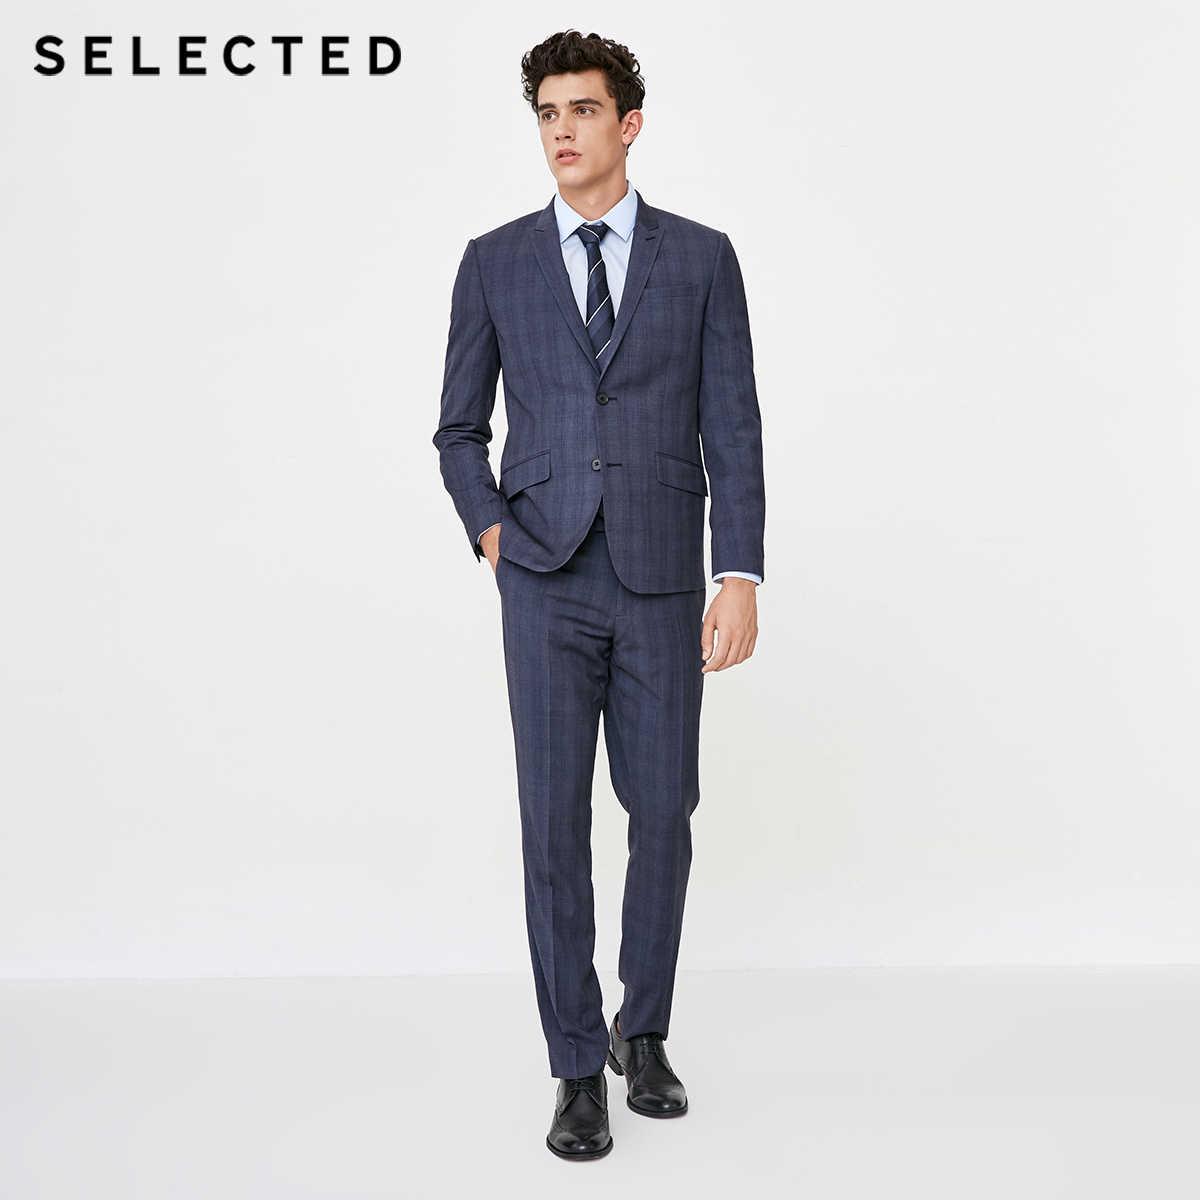 選択した男性のビジネススーツブレザー T | 41835X502